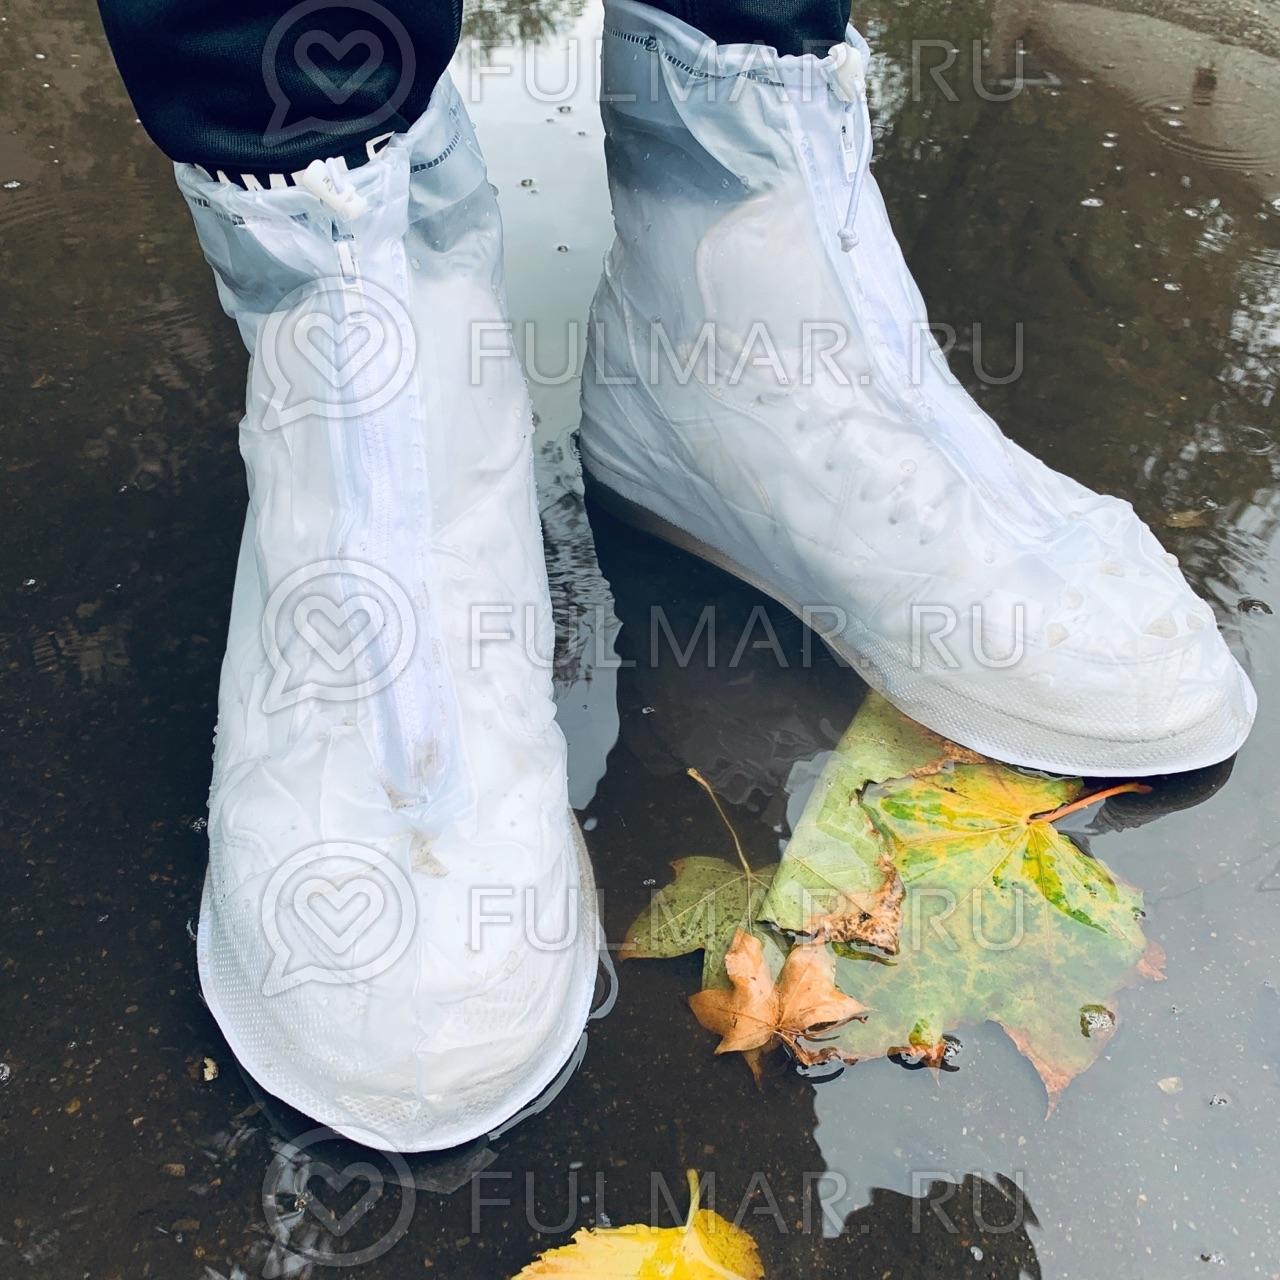 Многоразовые бахилы для обуви от дождя молния спереди Белые-Матовые фото